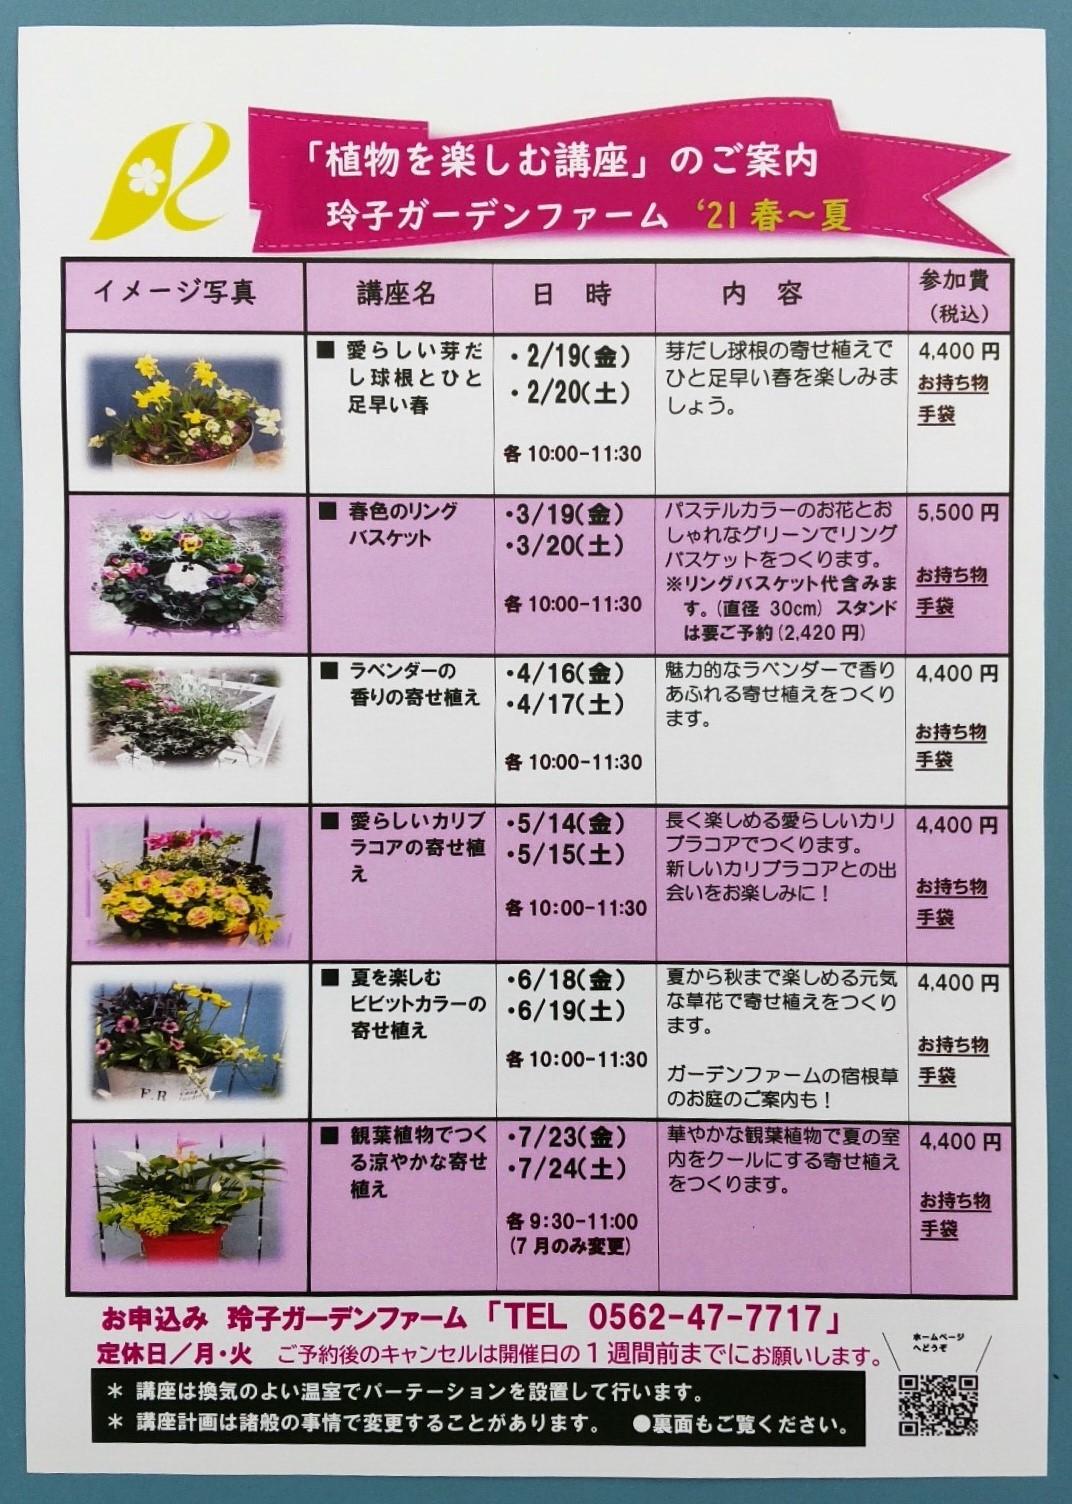 2021年春~夏「植物を楽しむ講座」のご案内_f0139333_01112766.jpg